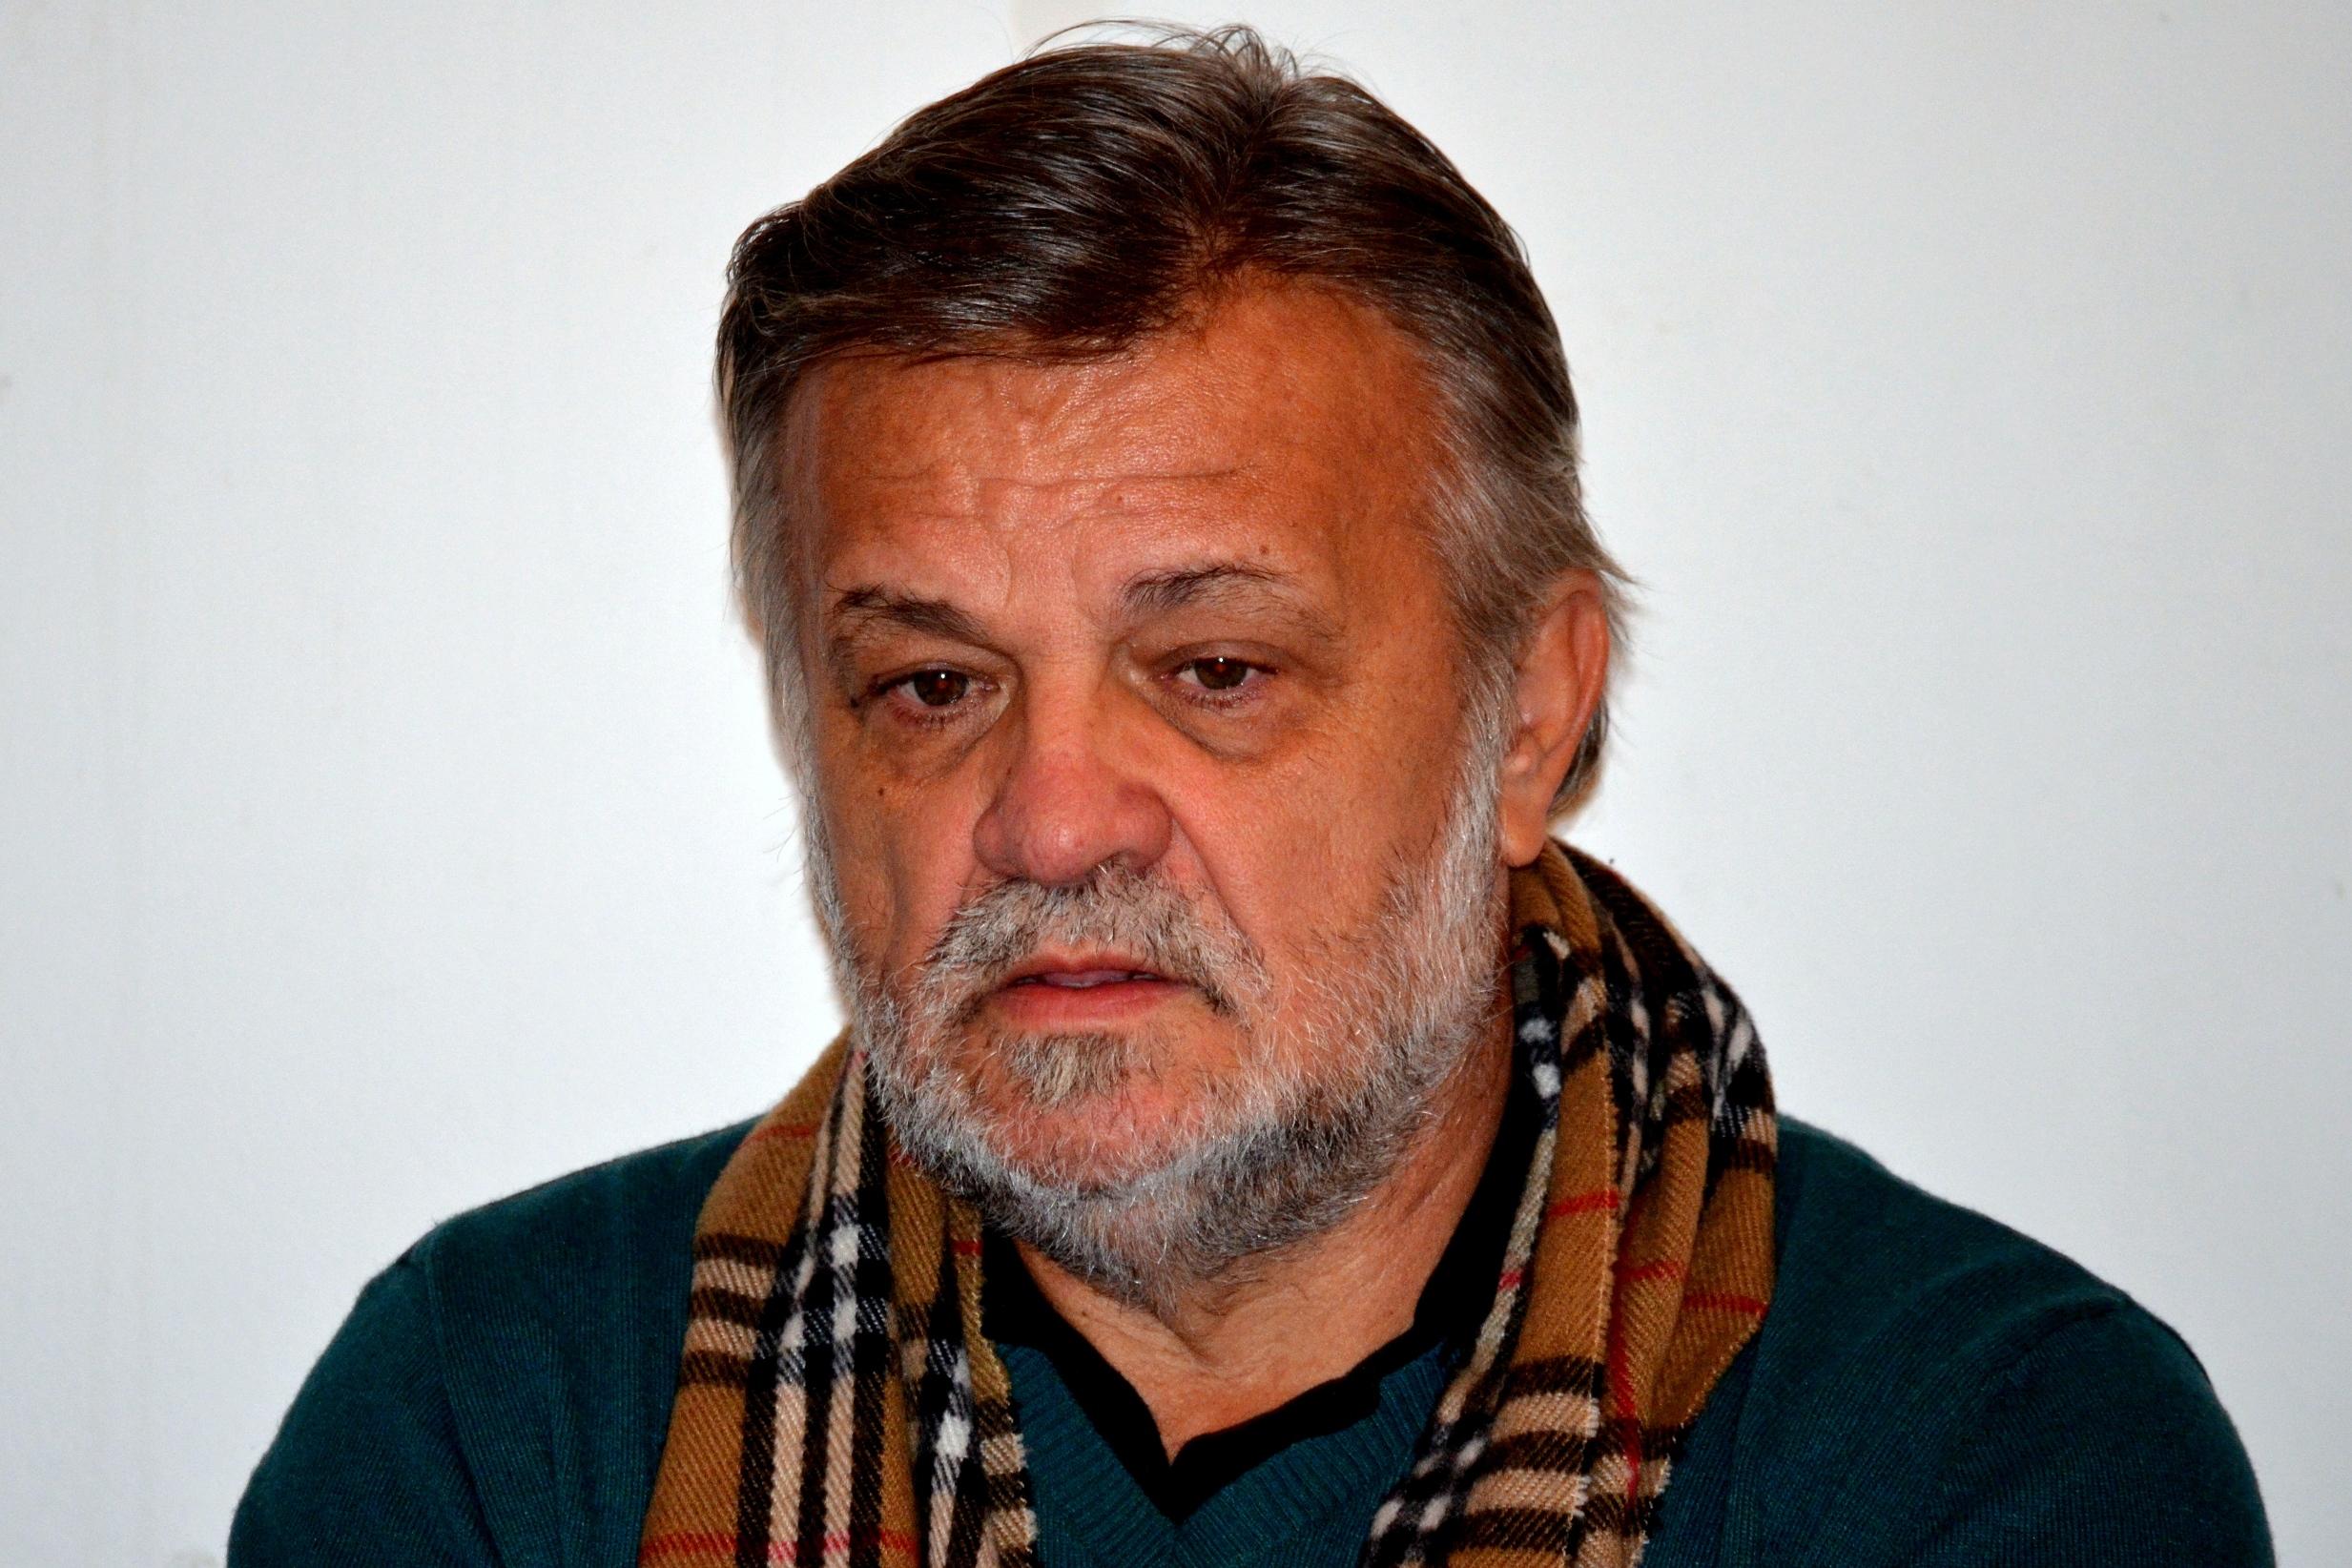 Ioan Carmazan a fost cel mai bun prieten al lui Sergiu Nicolaescu